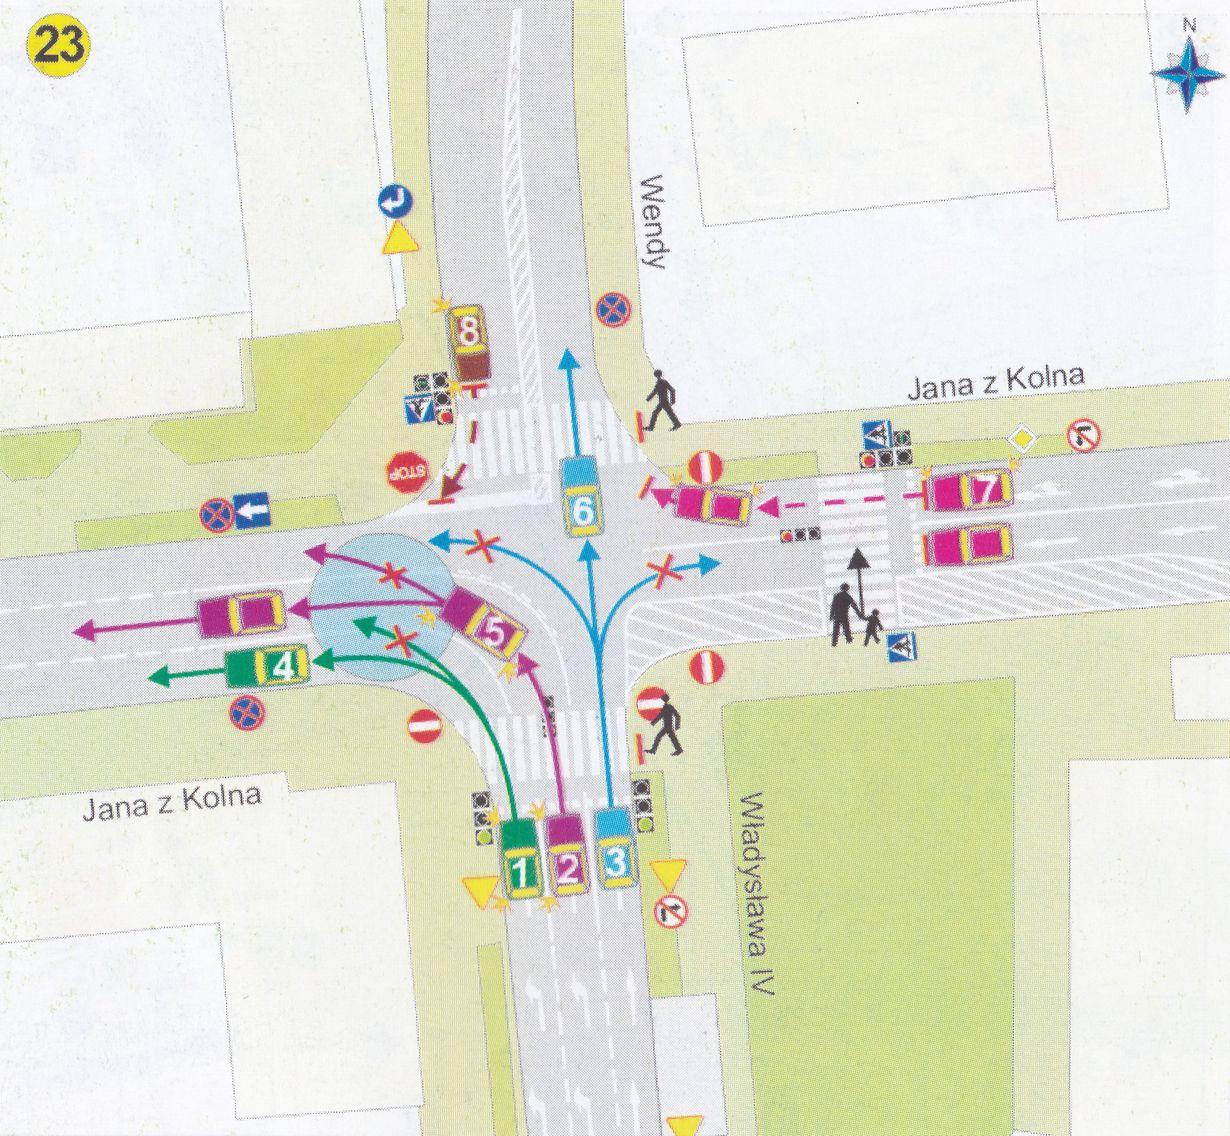 trasa-egzamin-prawo-jazdy-gdansk23